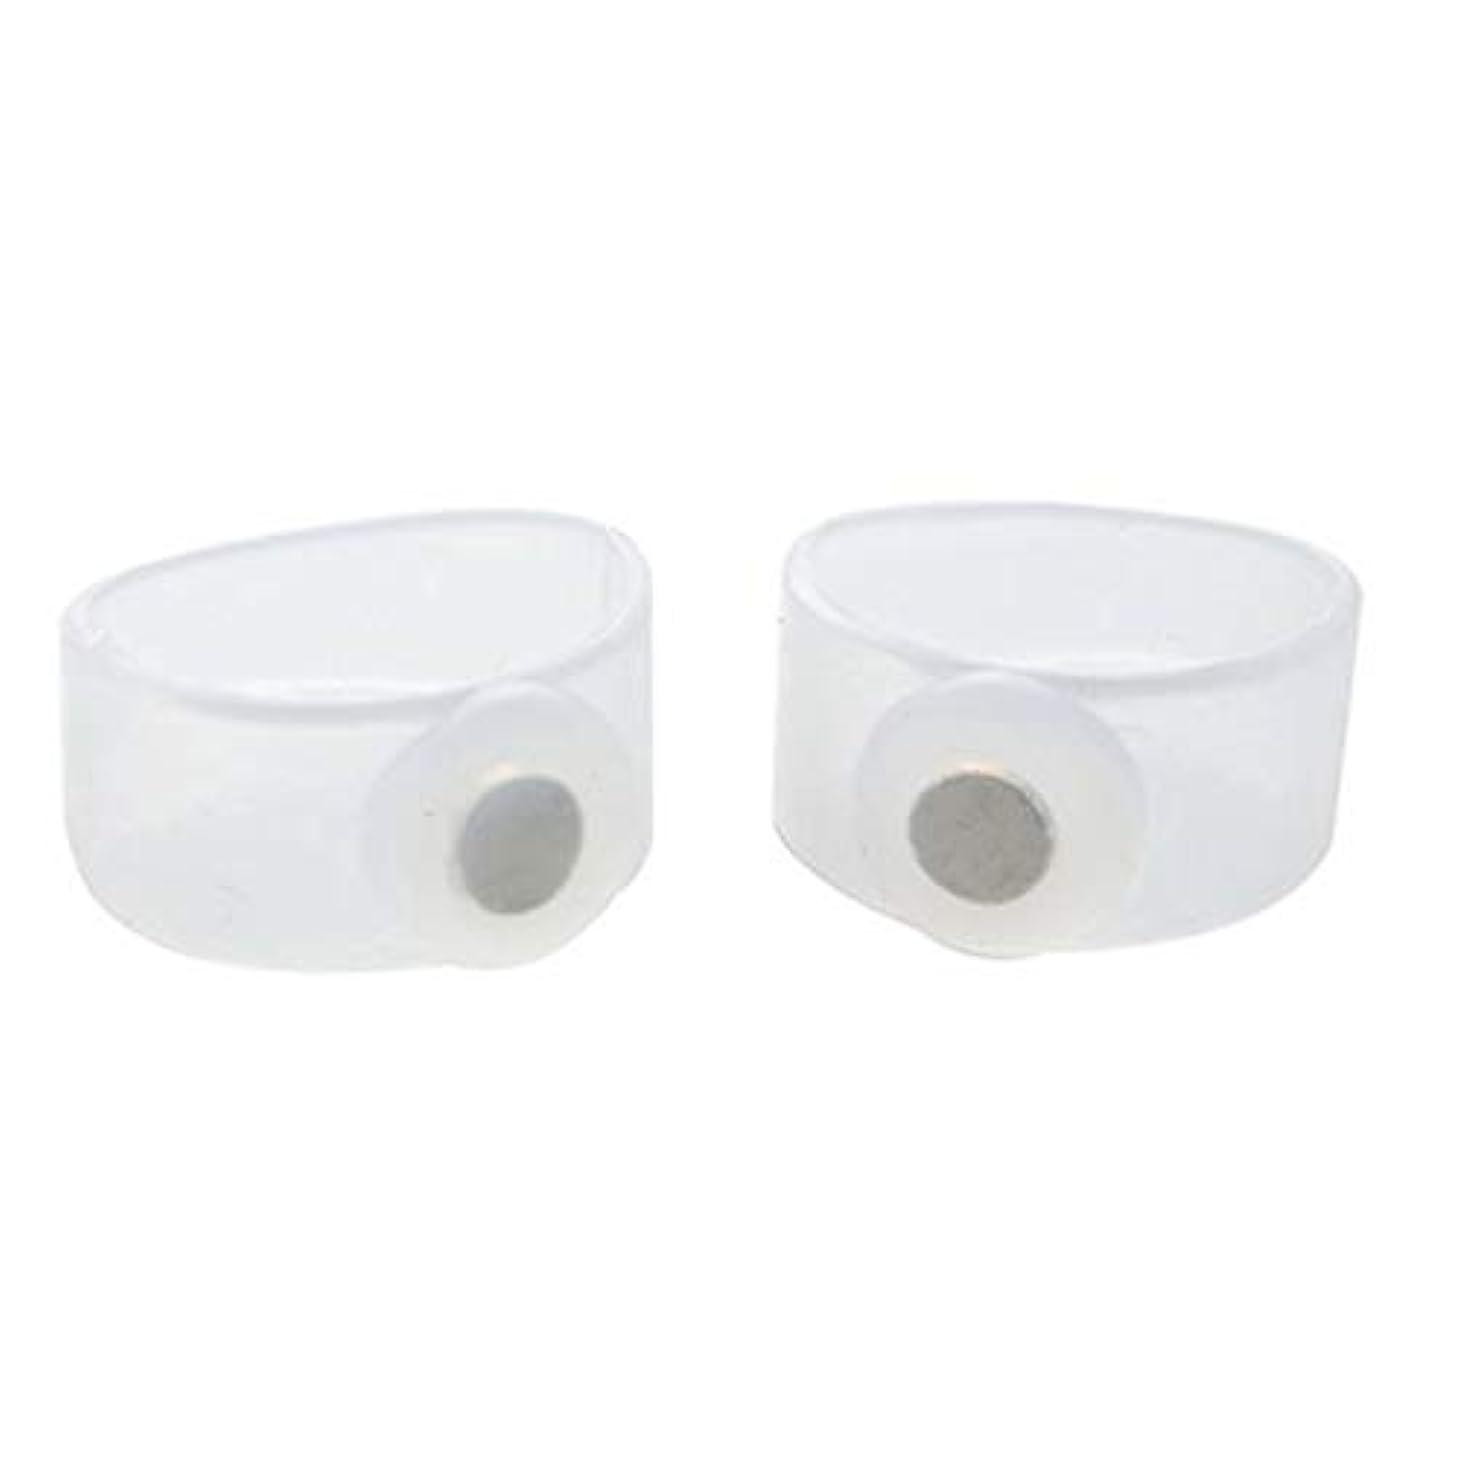 うまくいけば朝ゴミ箱を空にする2ピース痩身シリコン磁気フットマッサージャーマッサージリラックスつま先リング用減量ヘルスケアツール美容製品(Color:Transparent)